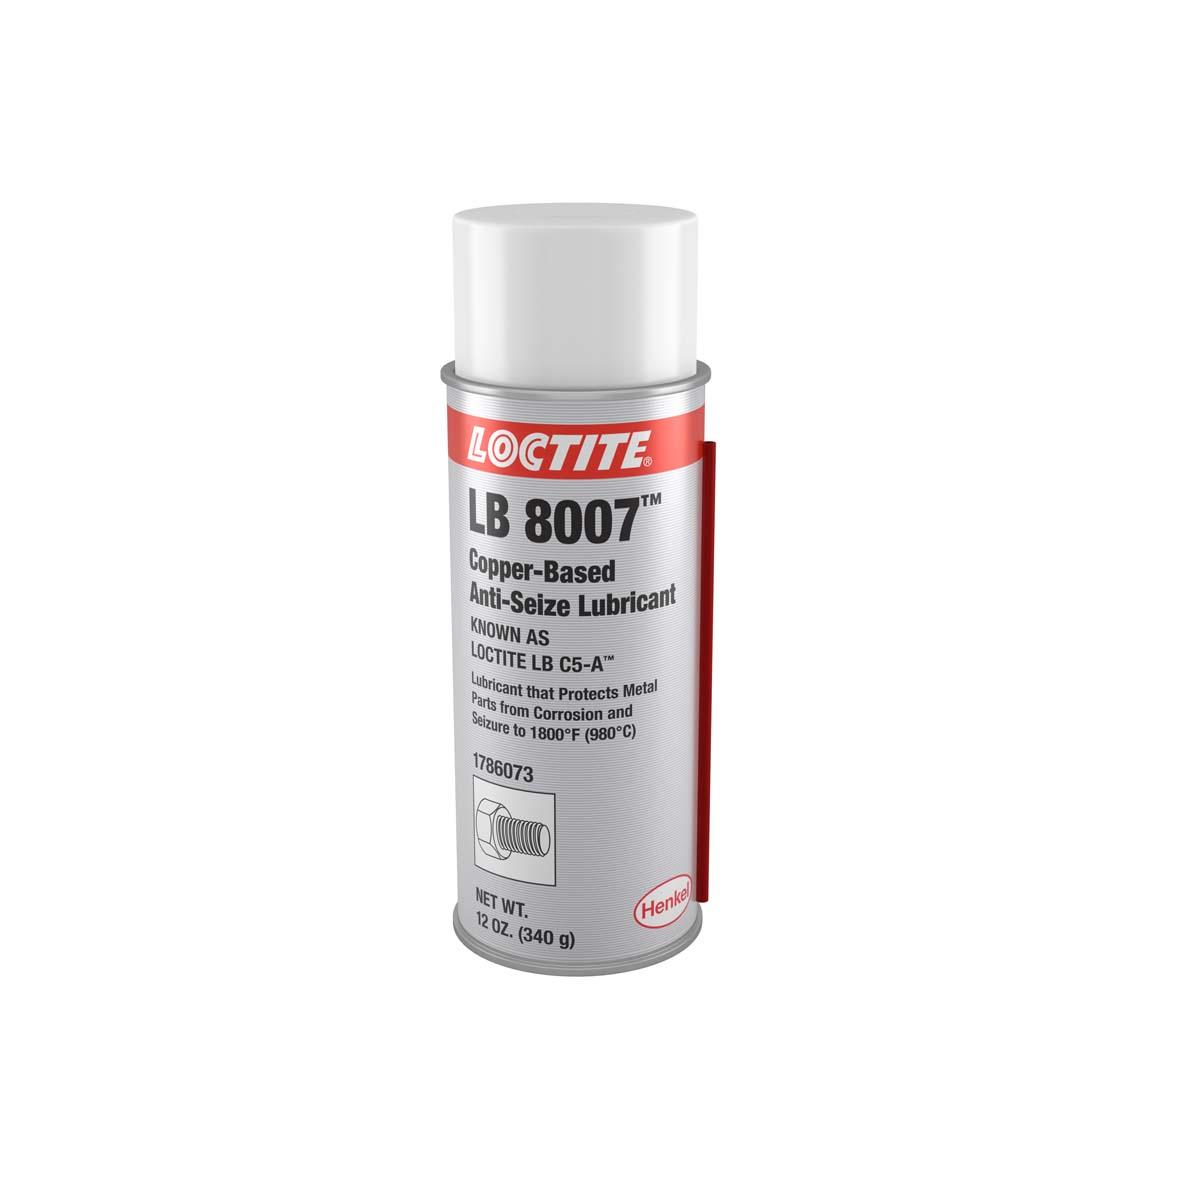 LOCTITE LB 8007 C5-A